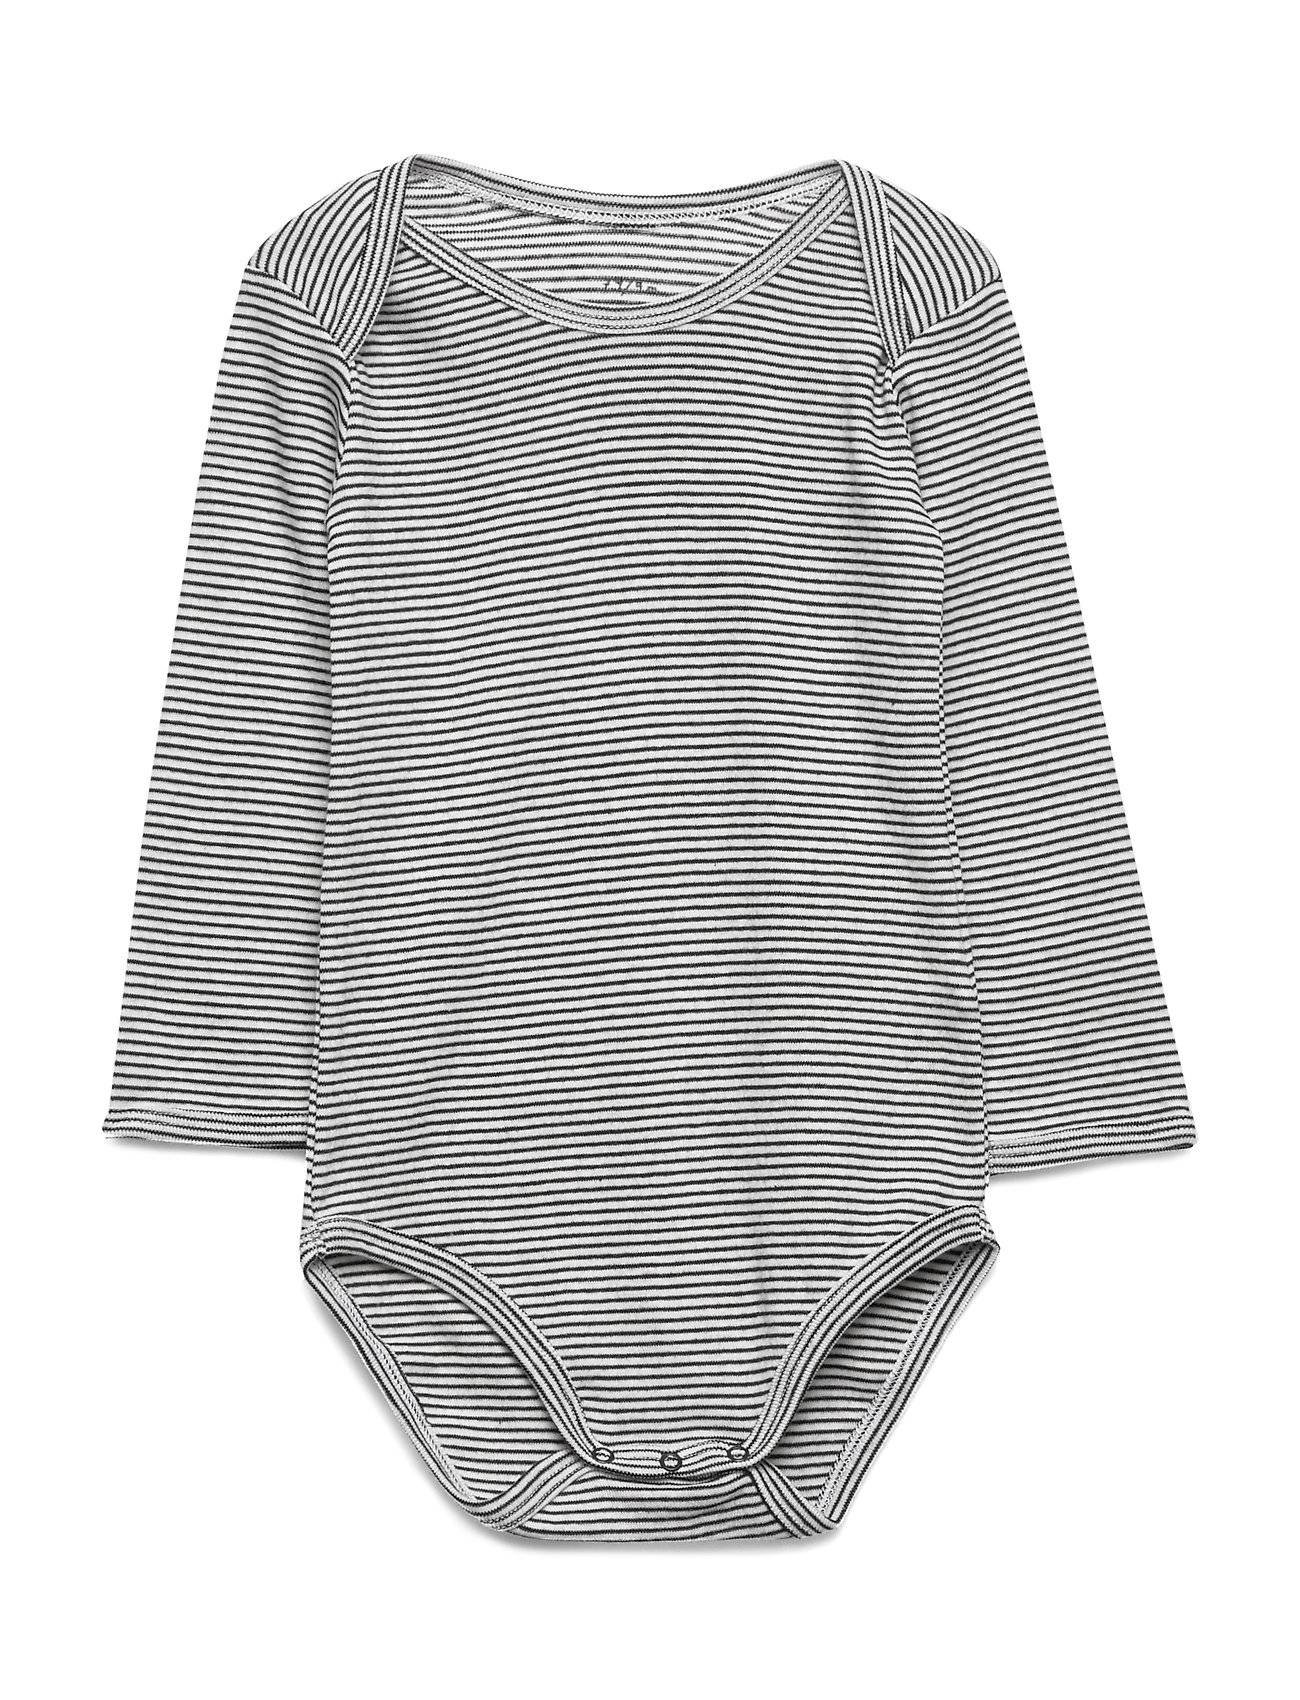 Noa Noa Miniature Baby Body Bodies Long-sleeved Harmaa Noa Noa Miniature